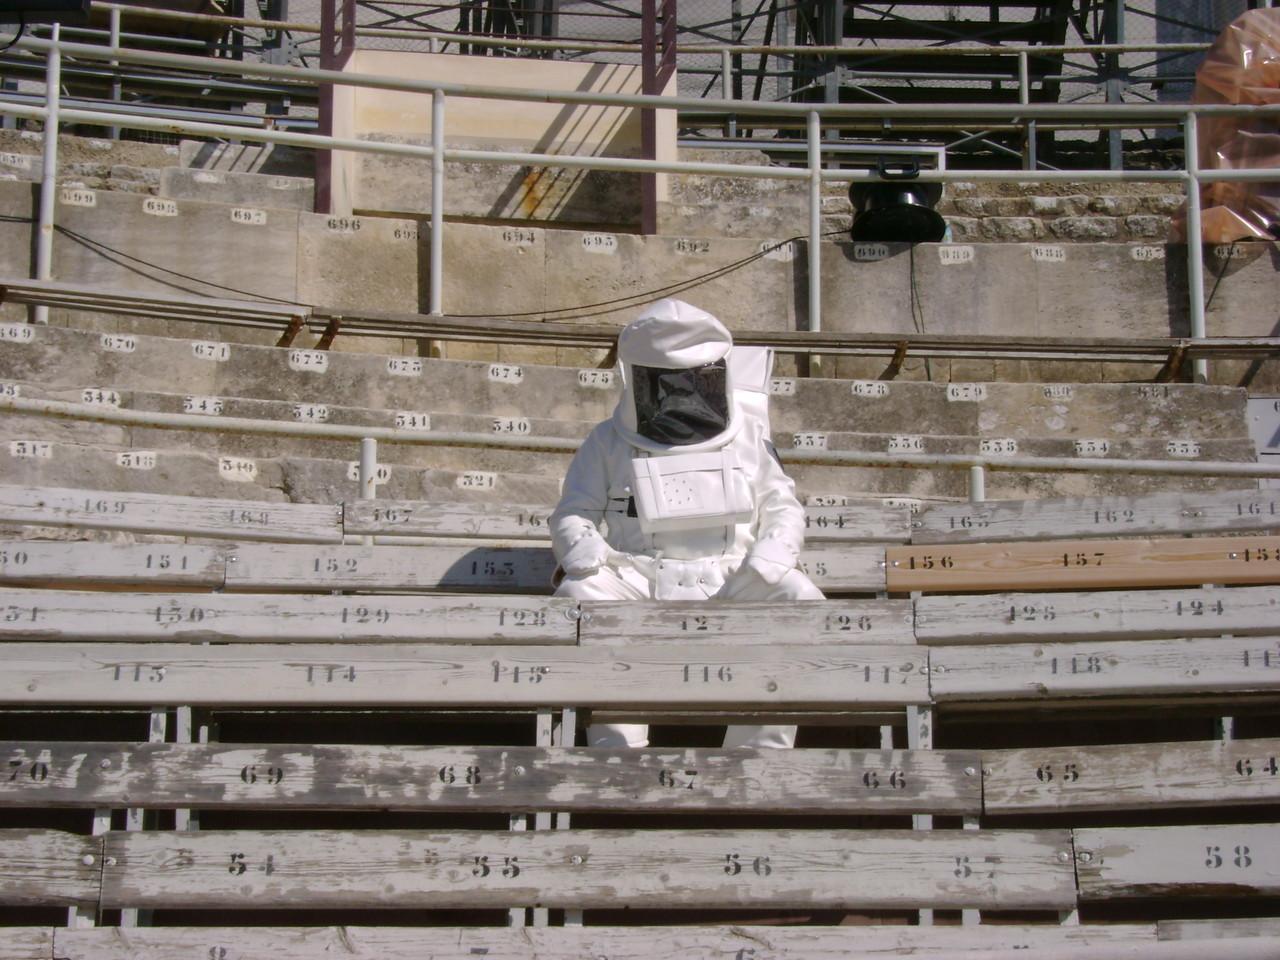 Der Mann vom Mond wartet auf seinen Einsatz...